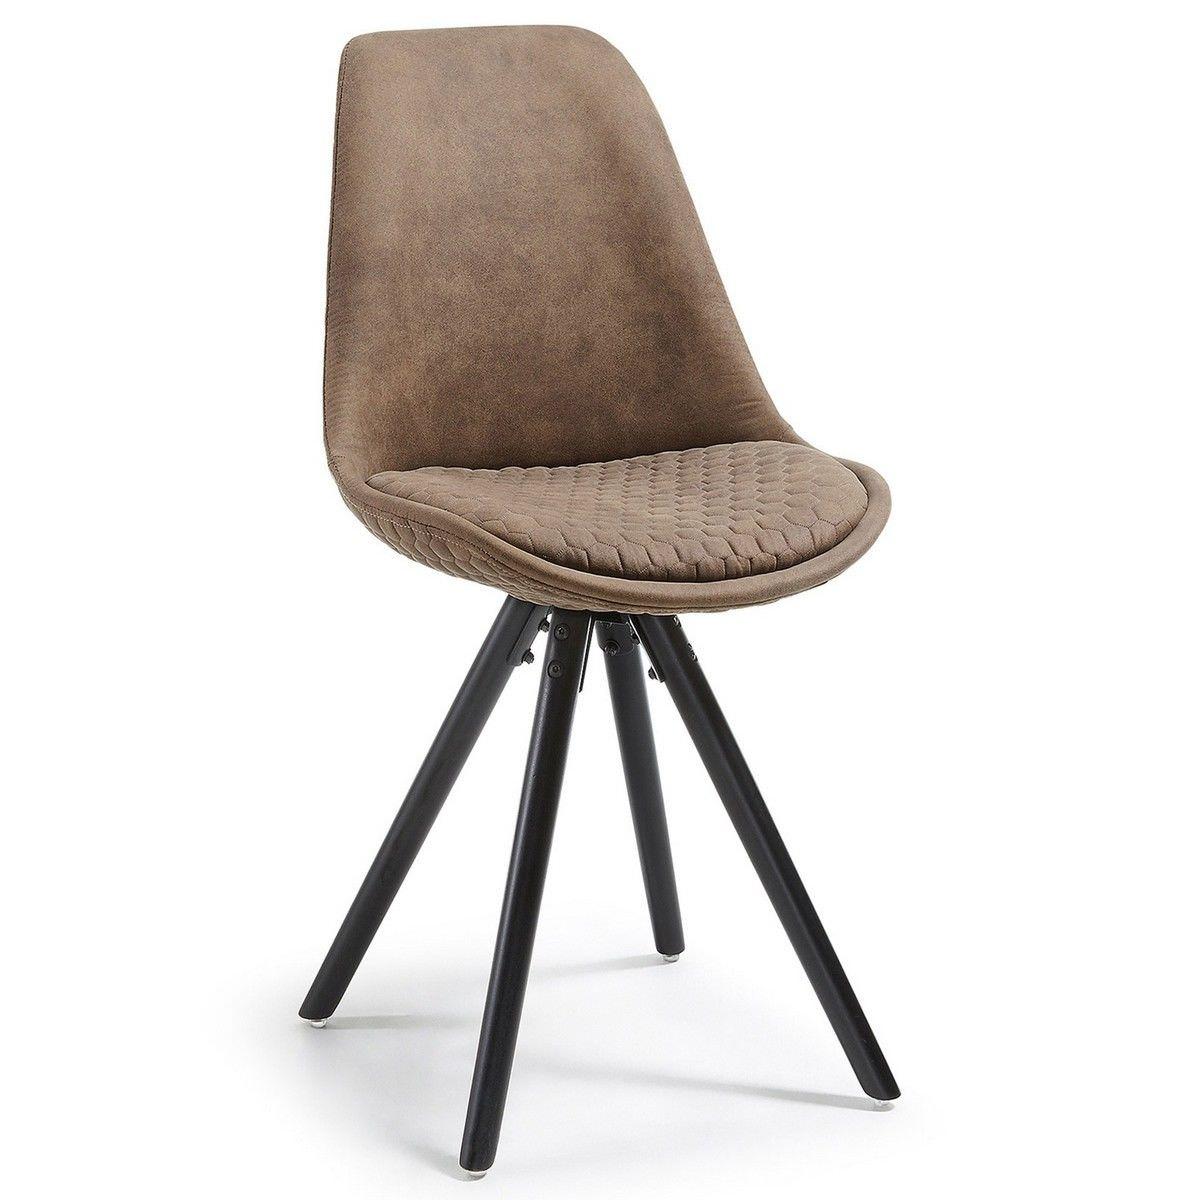 Lakota Fabric Dining Chair, Timber Leg, Tan / Black